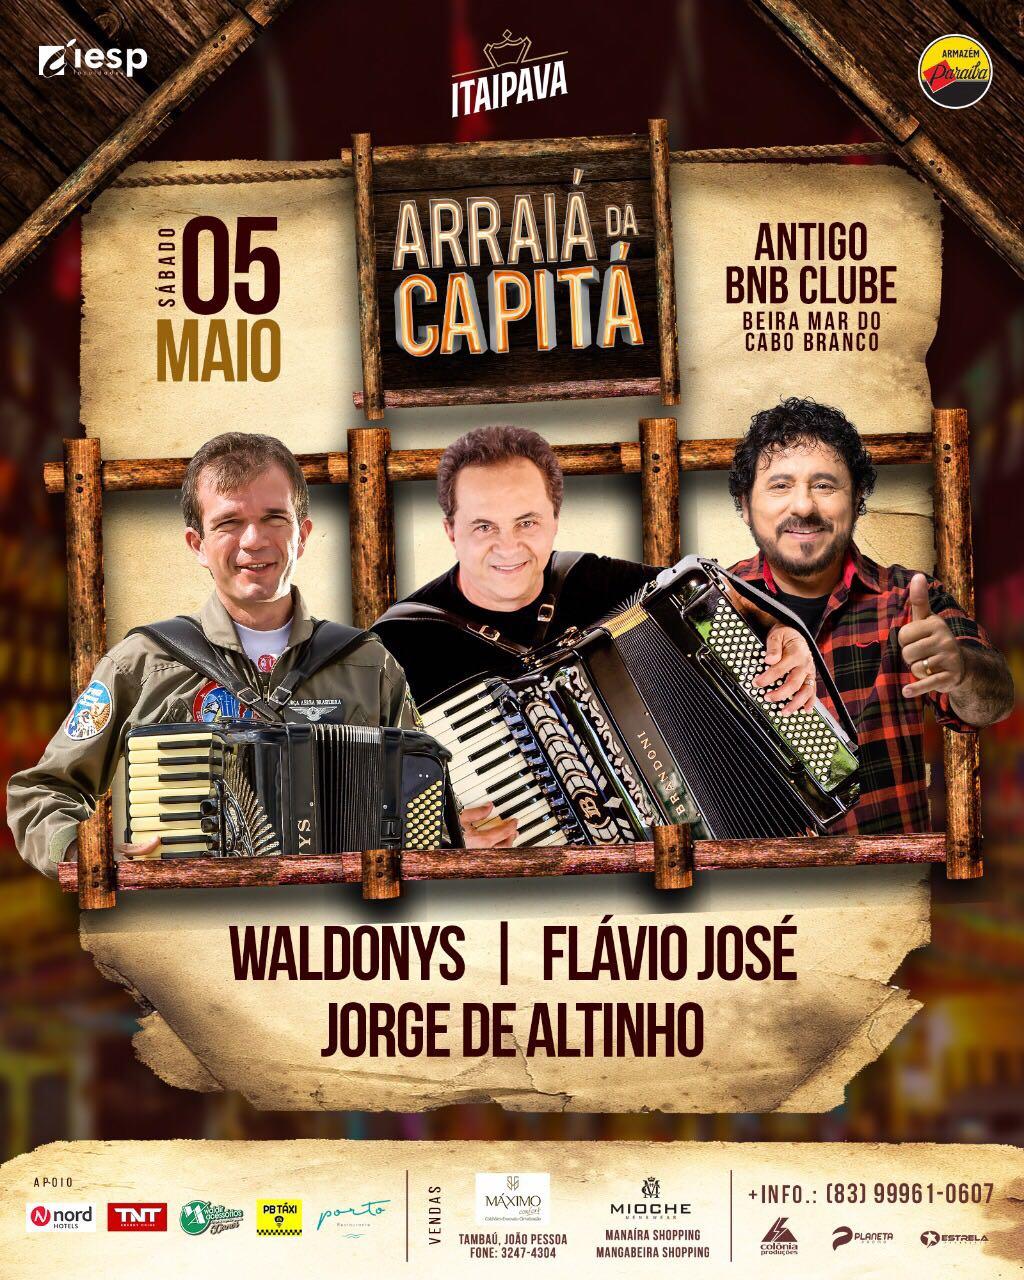 Arraiá da Capitá é neste sábado dia 5 e reúne Flávio José, Jorge de Altinho e Waldonys